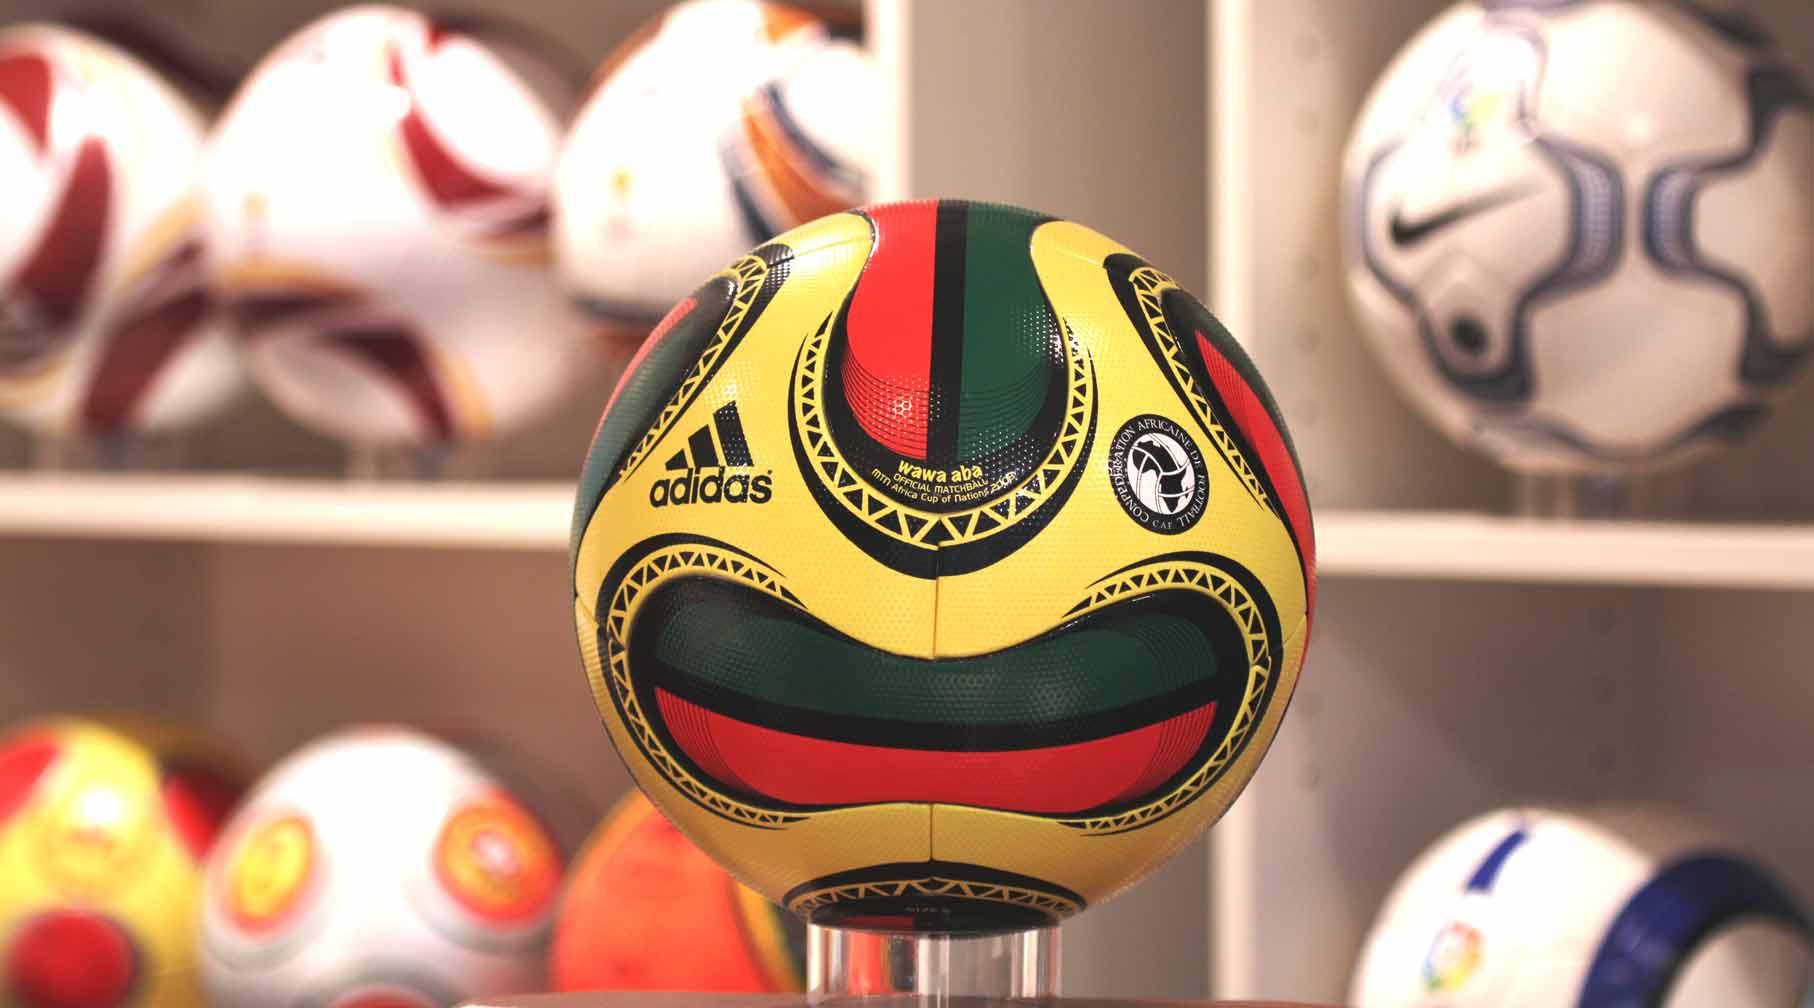 Официальный мяч Кубка Африканский Наций 2008 - Wawa aba